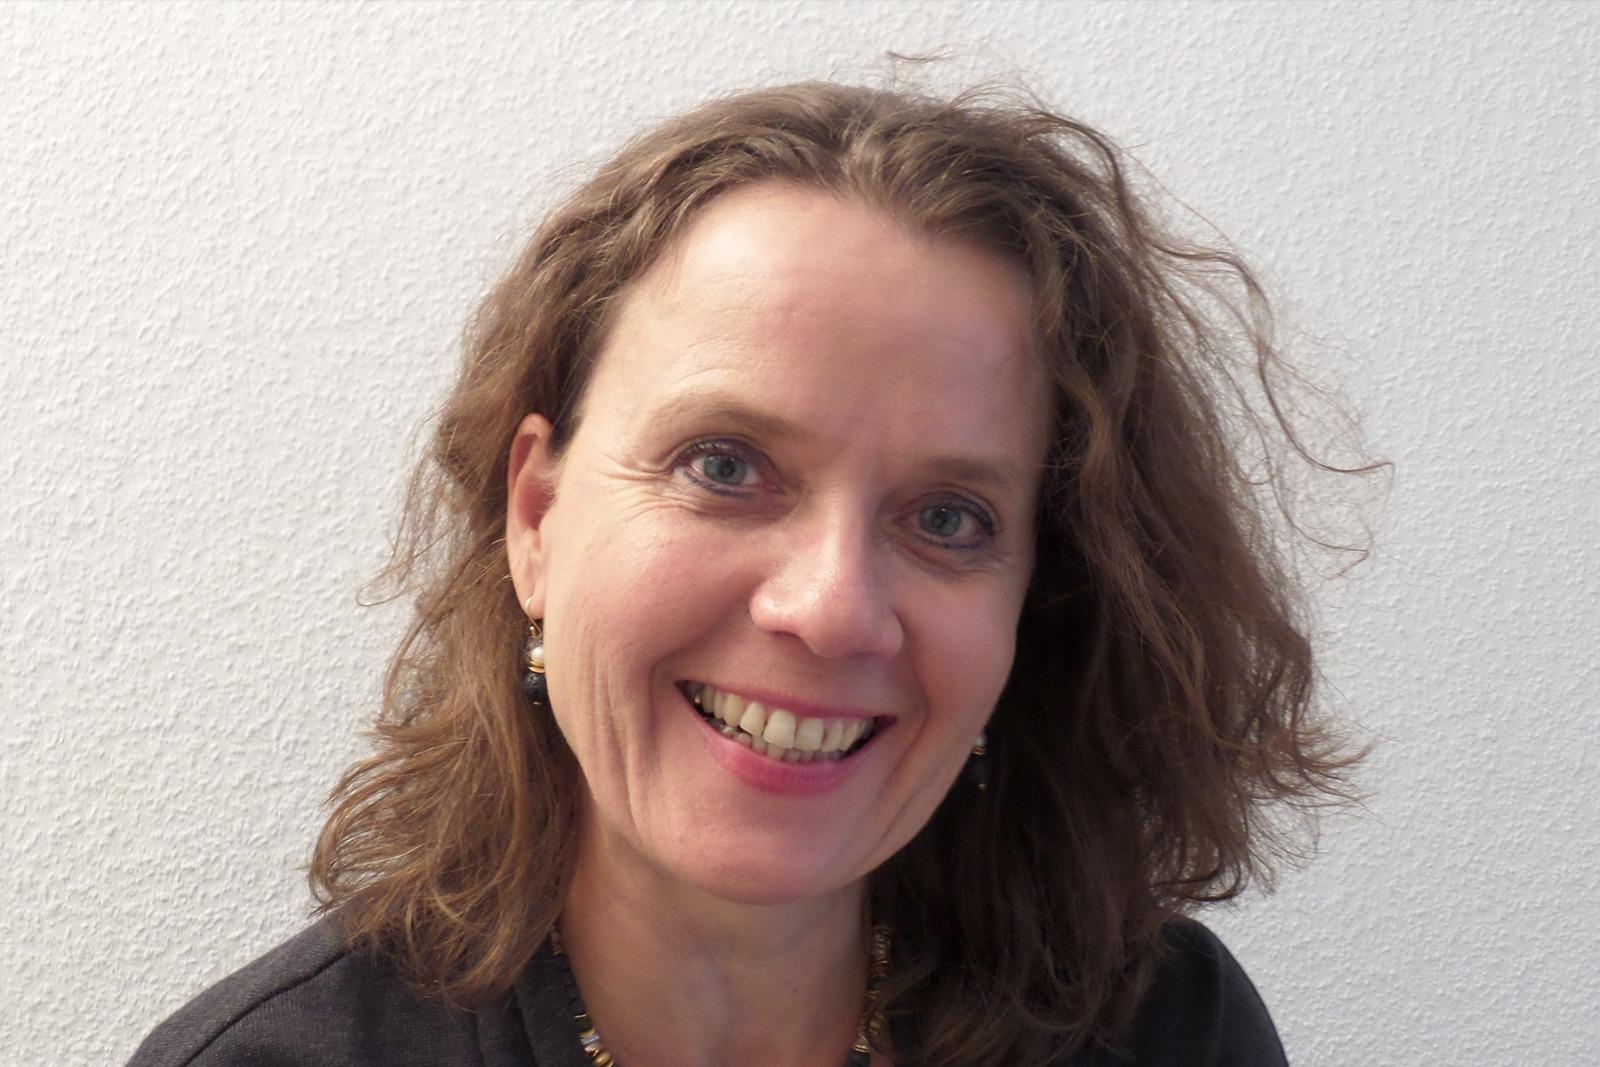 Asthma und Atemnot im Alltag – ein Interview mit Susanne Menrad-Barczok